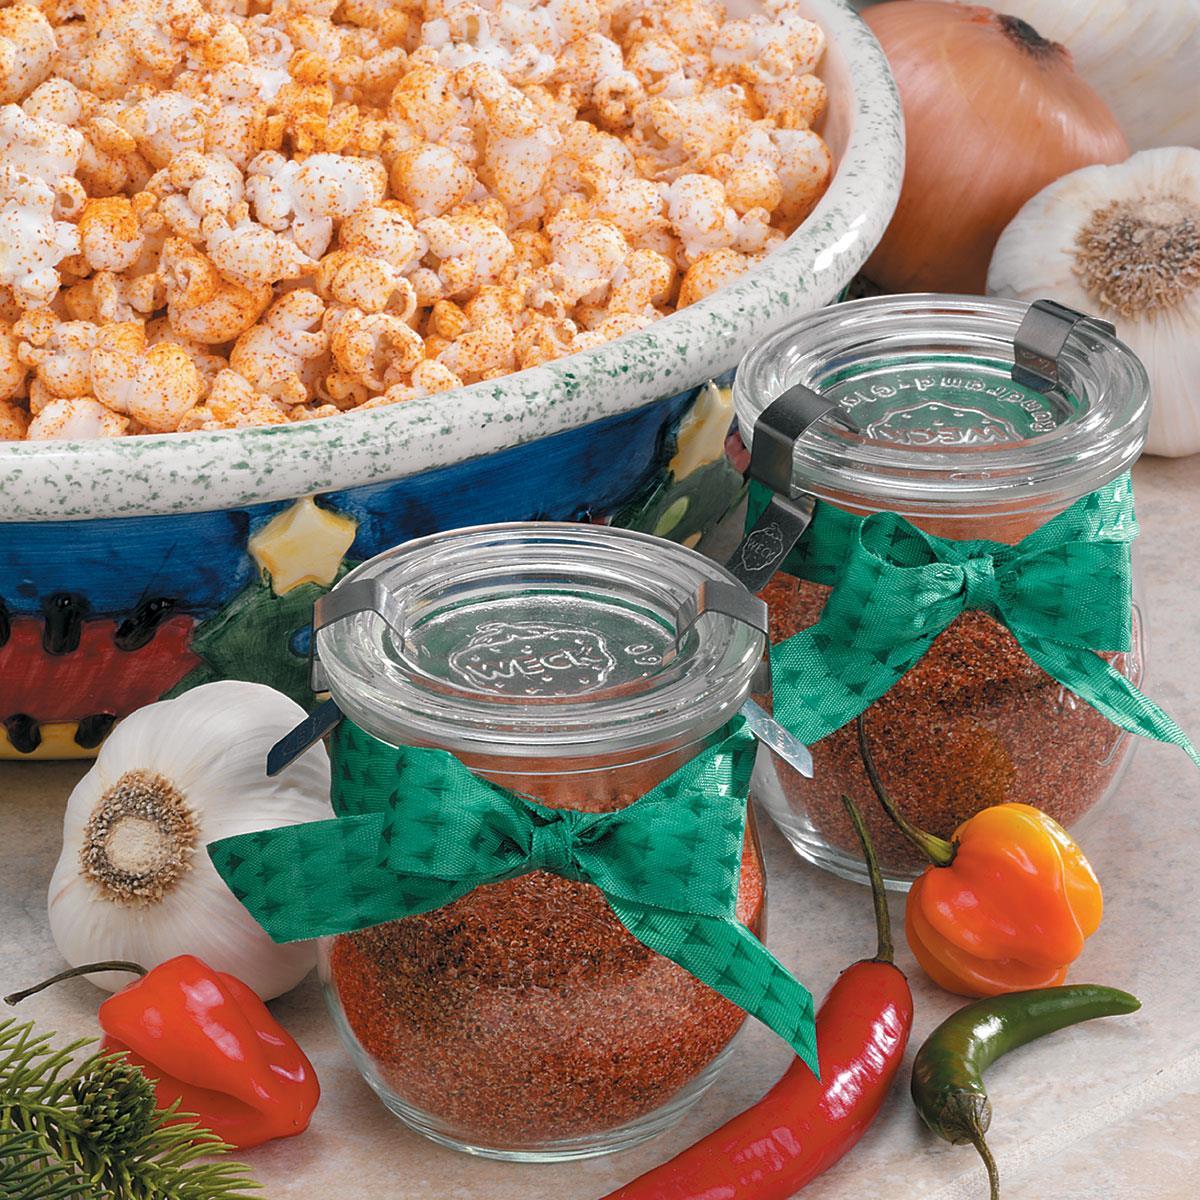 Creole Seasoning image